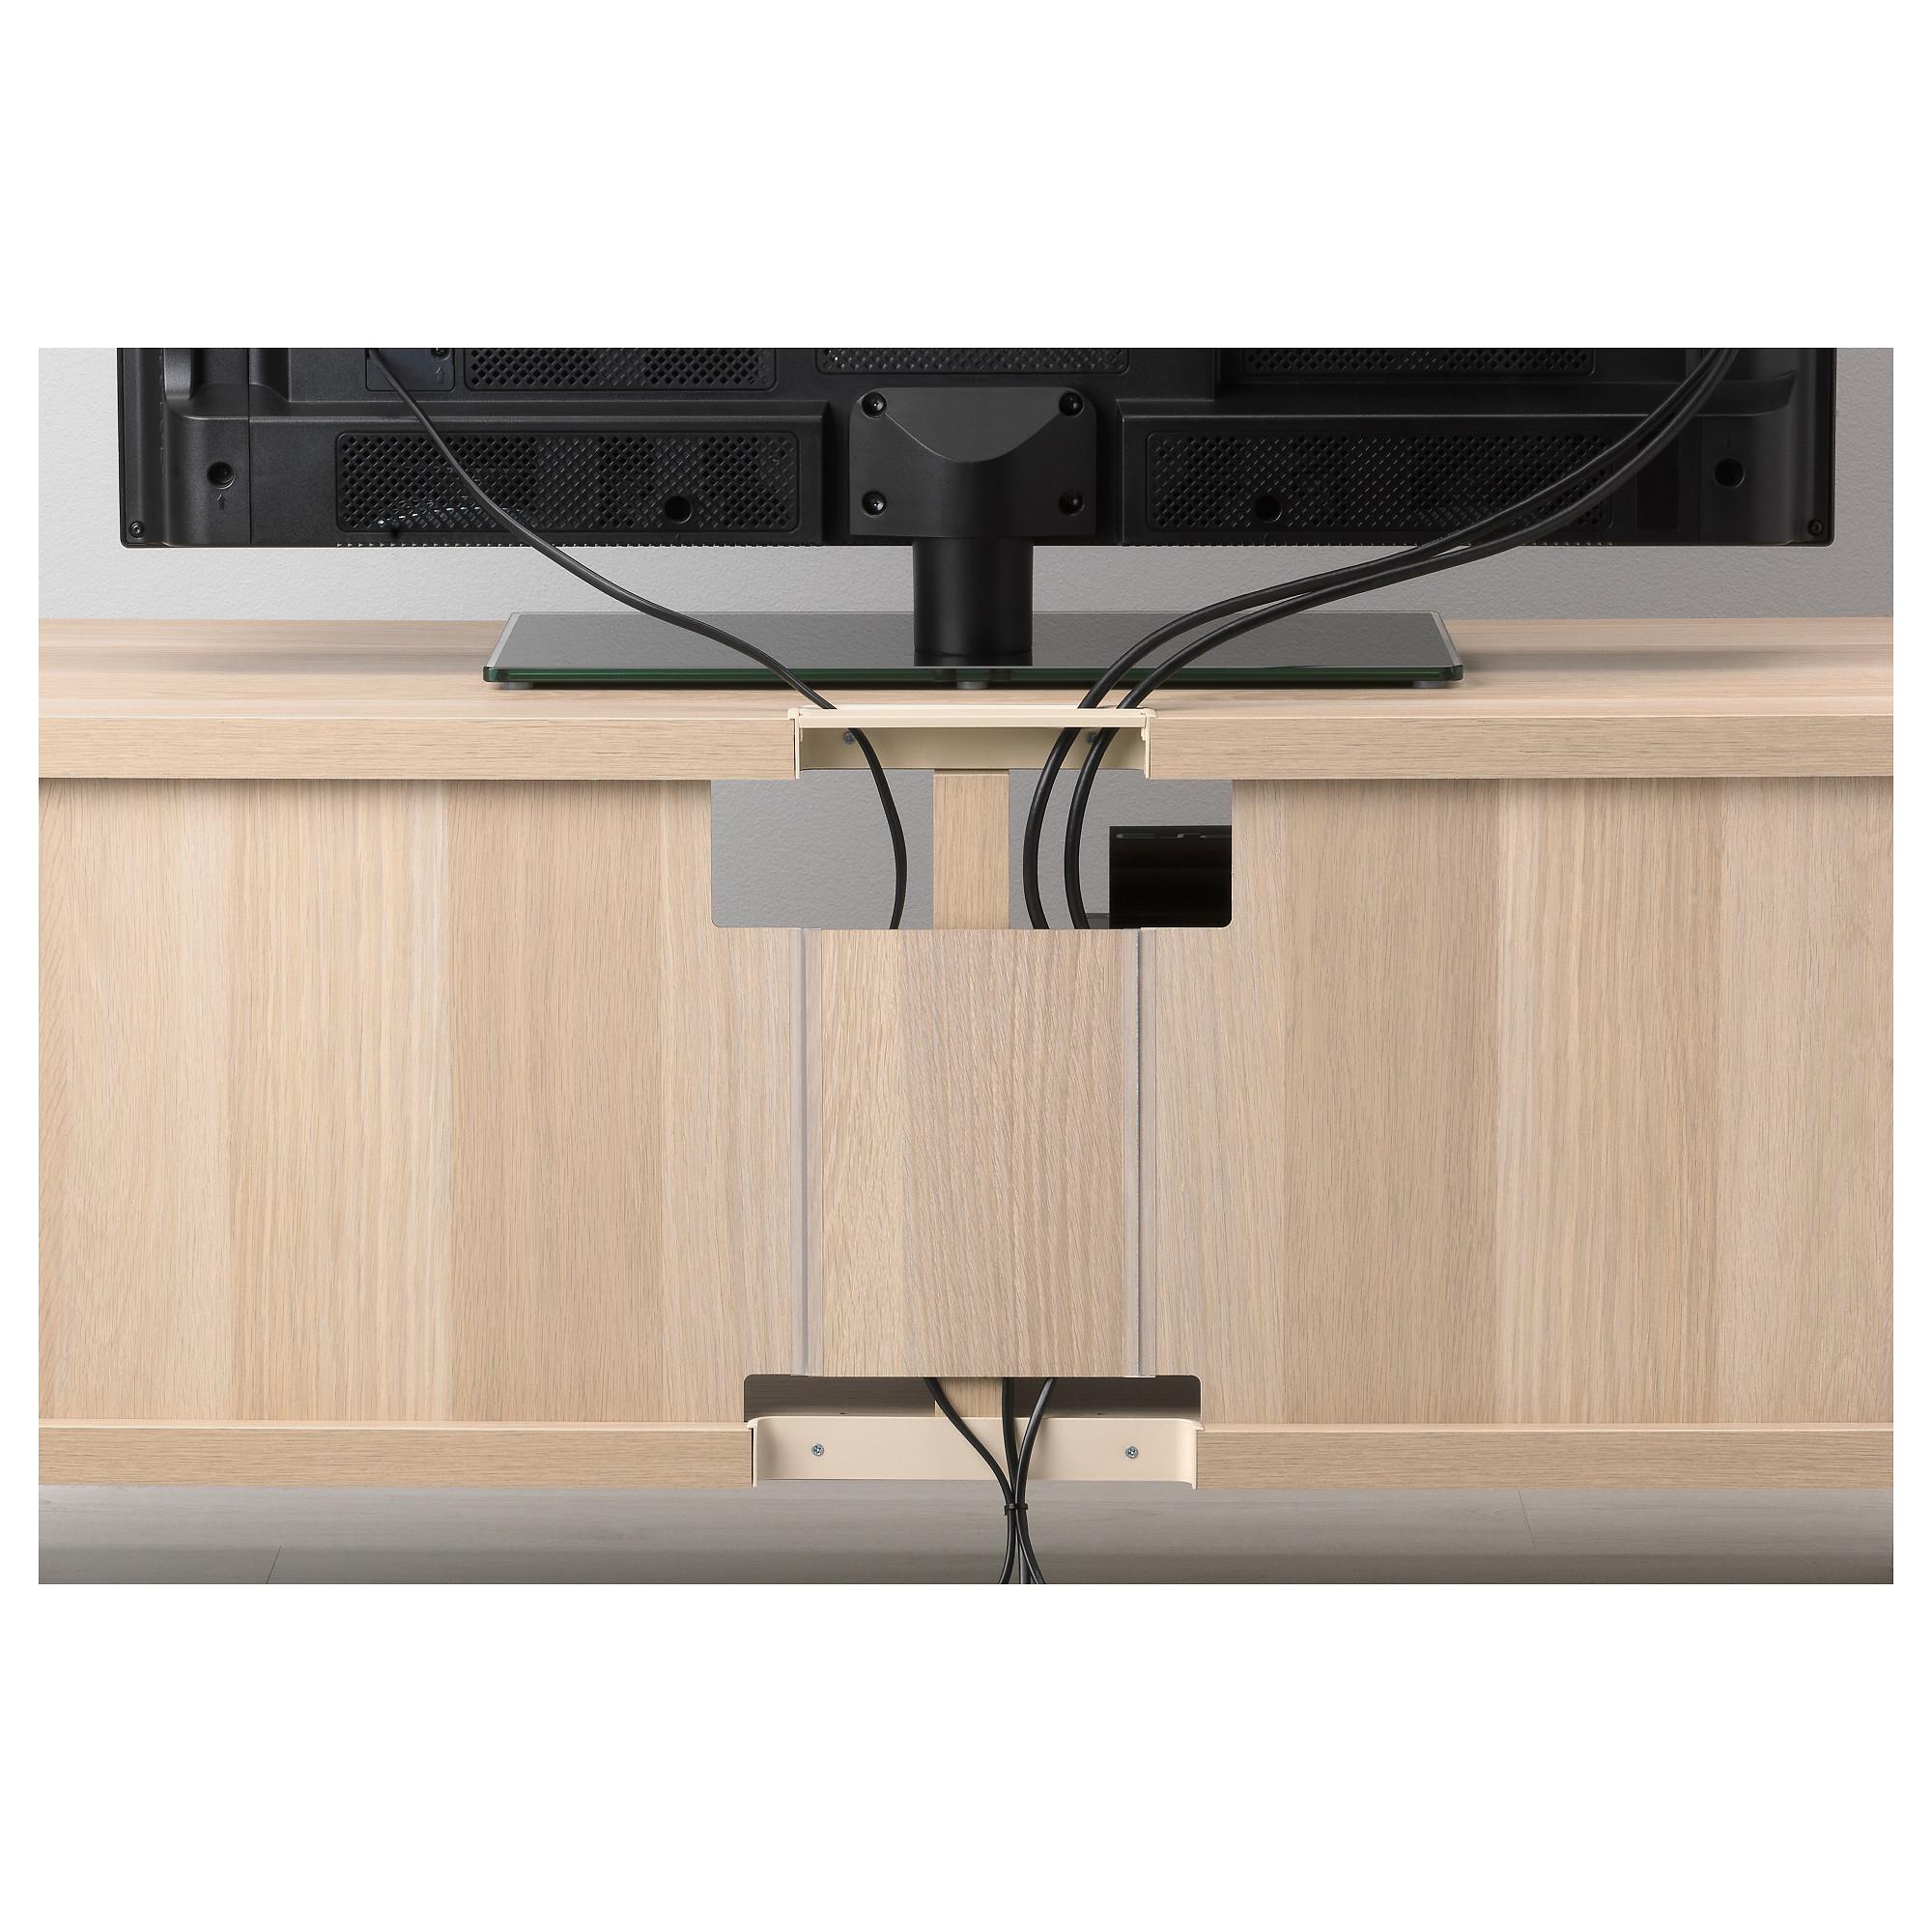 Шкаф для ТВ, комбинация БЕСТО сине-зеленый артикуль № 792.761.28 в наличии. Интернет сайт IKEA Минск. Быстрая доставка и соборка.